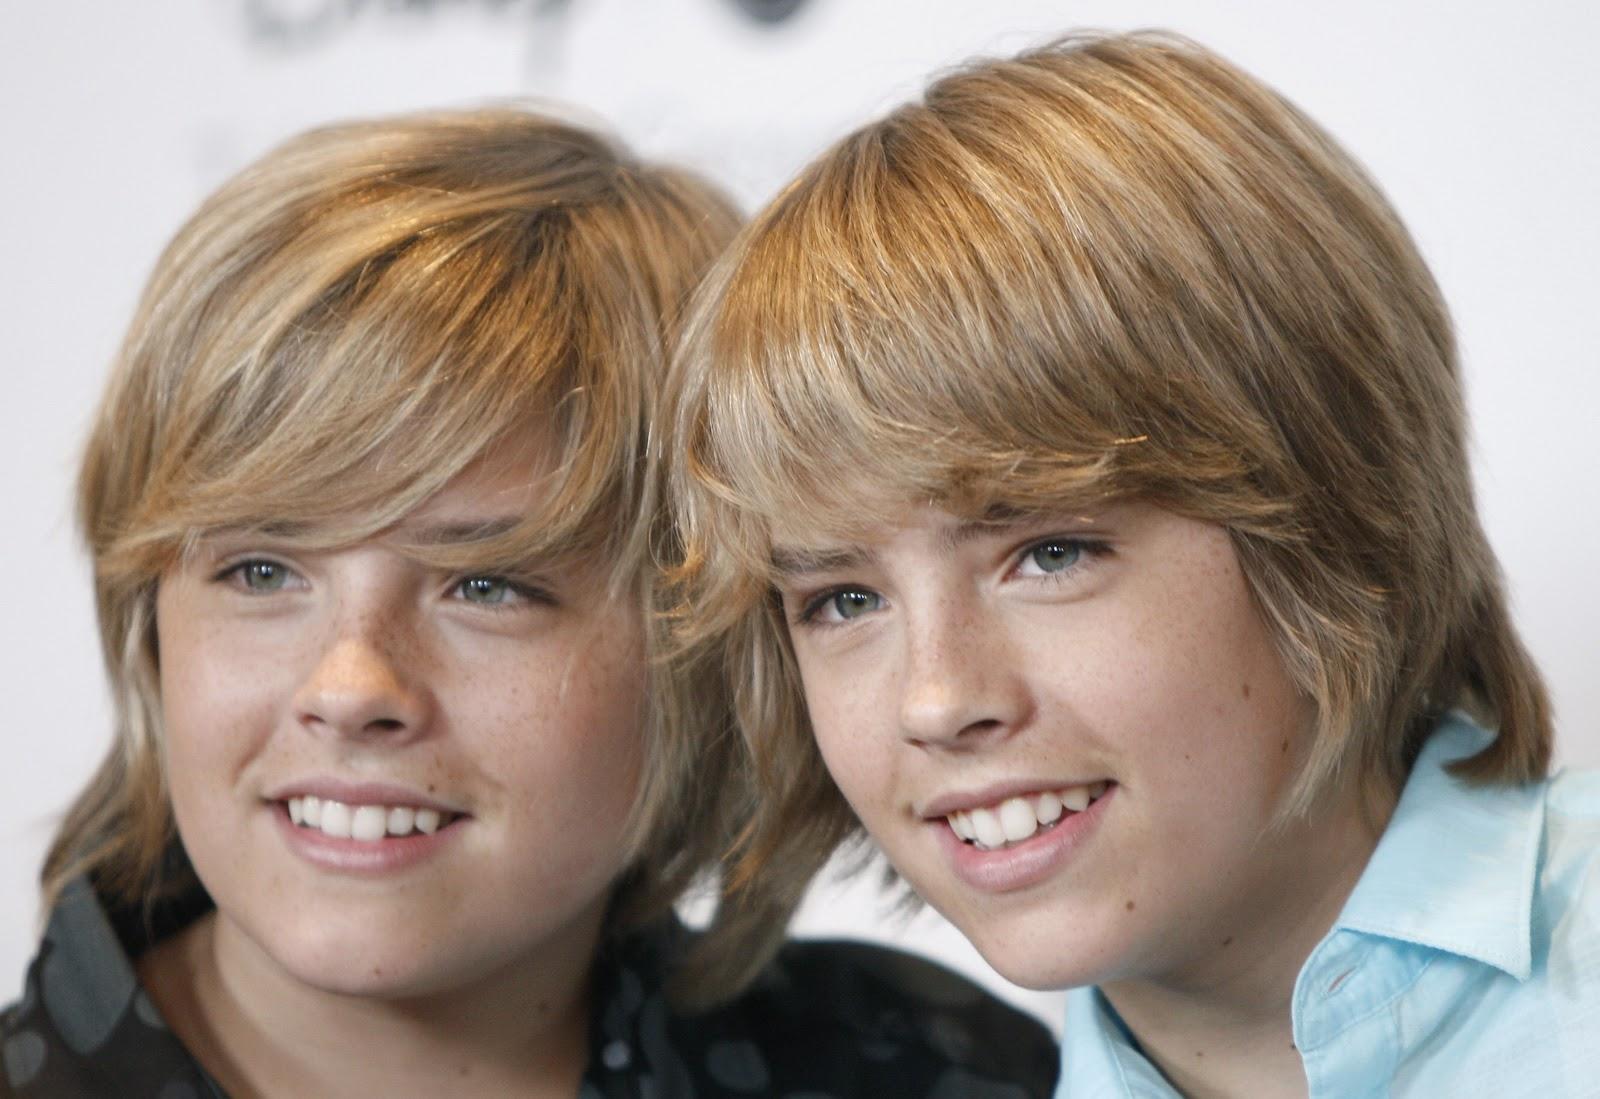 Zack Ve Cody Güvertede Resimleri-Disney Channel Türkiye Fan-Prenses